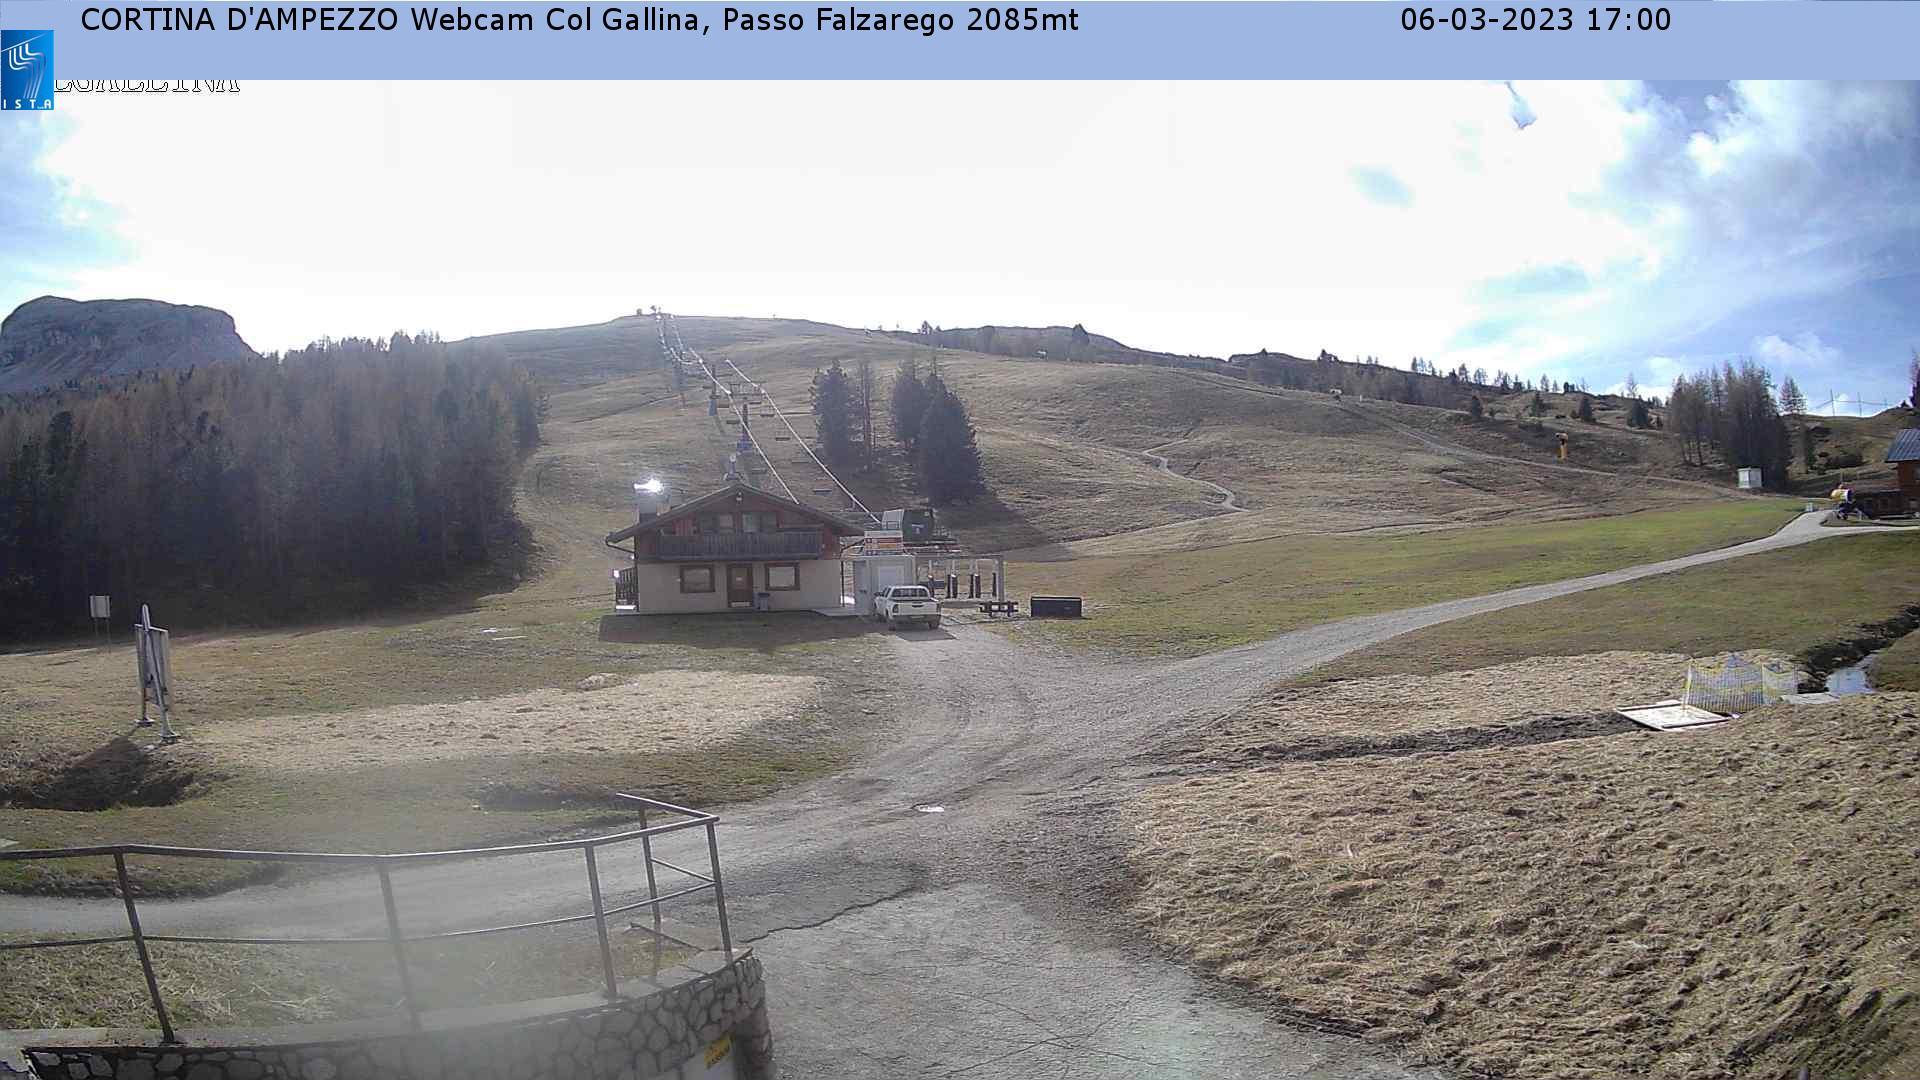 Col Gallina, Passo Falzarego - mt. 2085